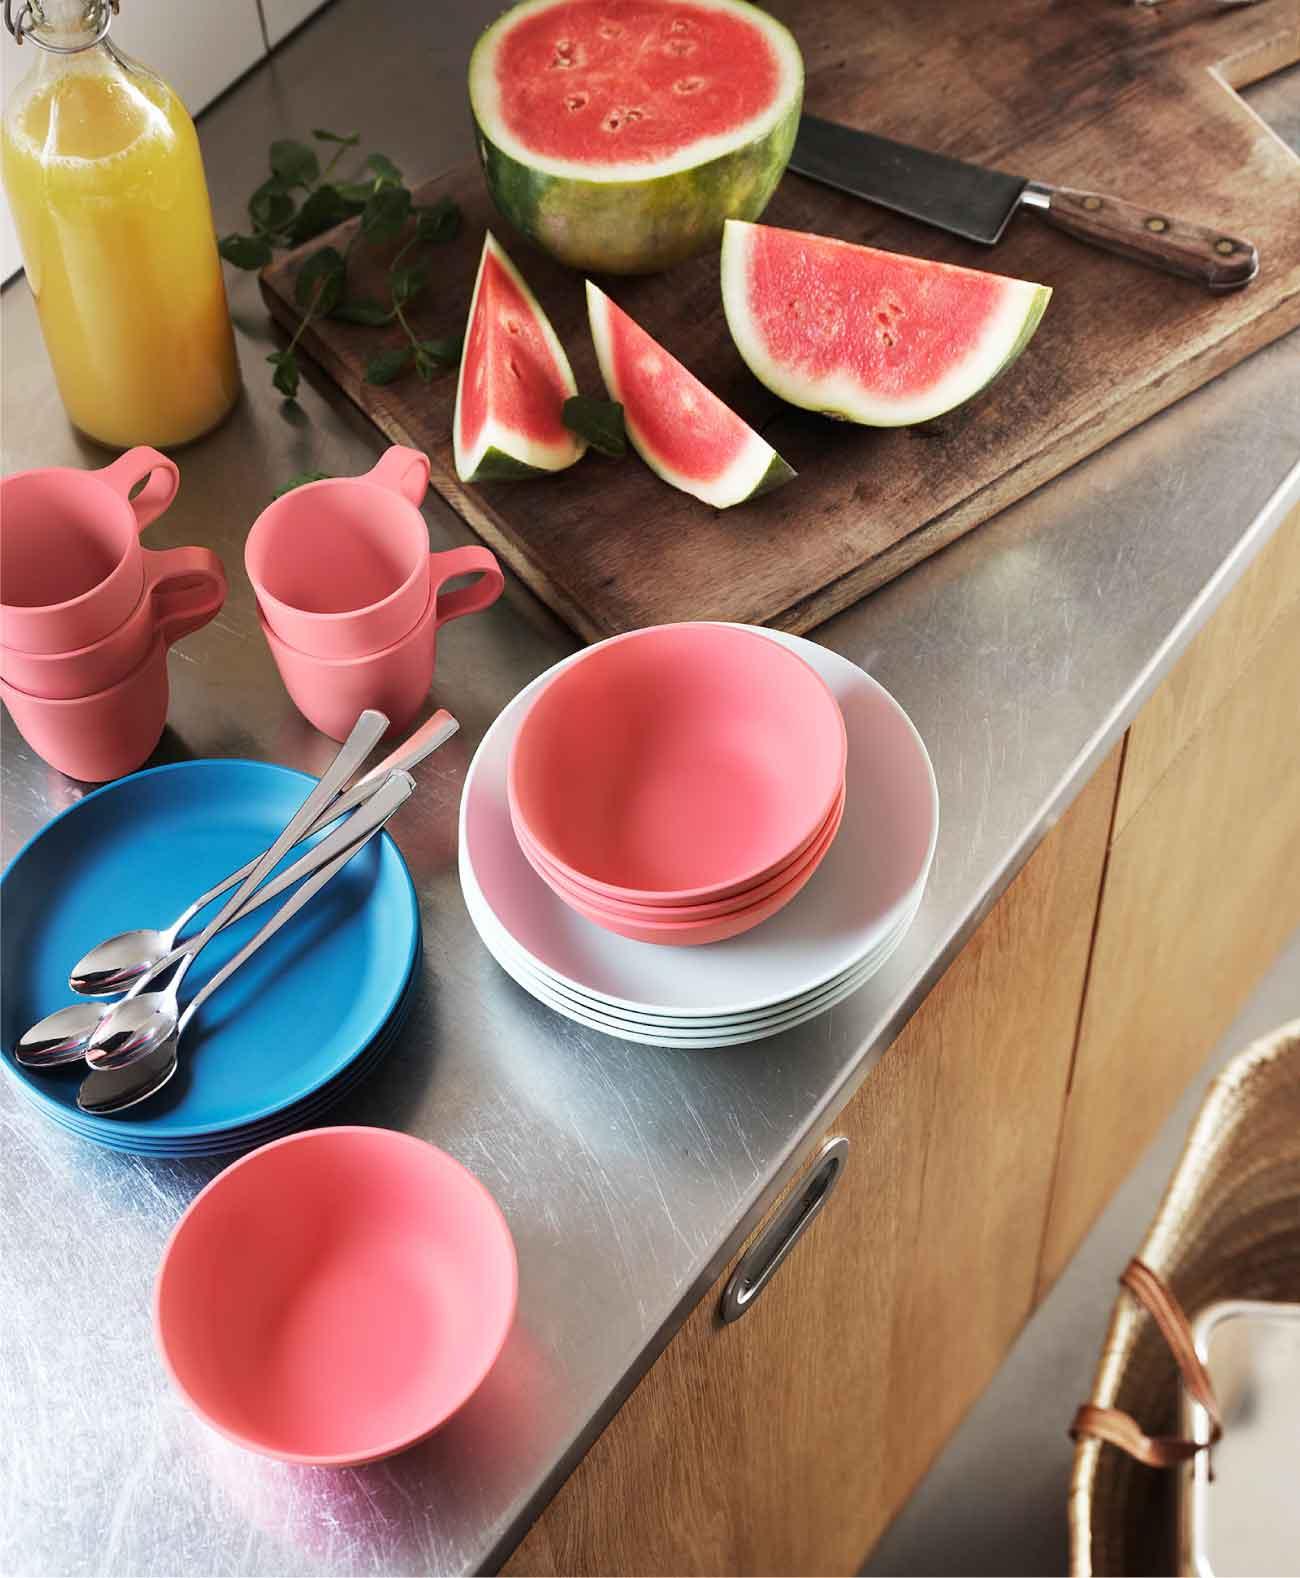 accessori tavola in plastica riciclata